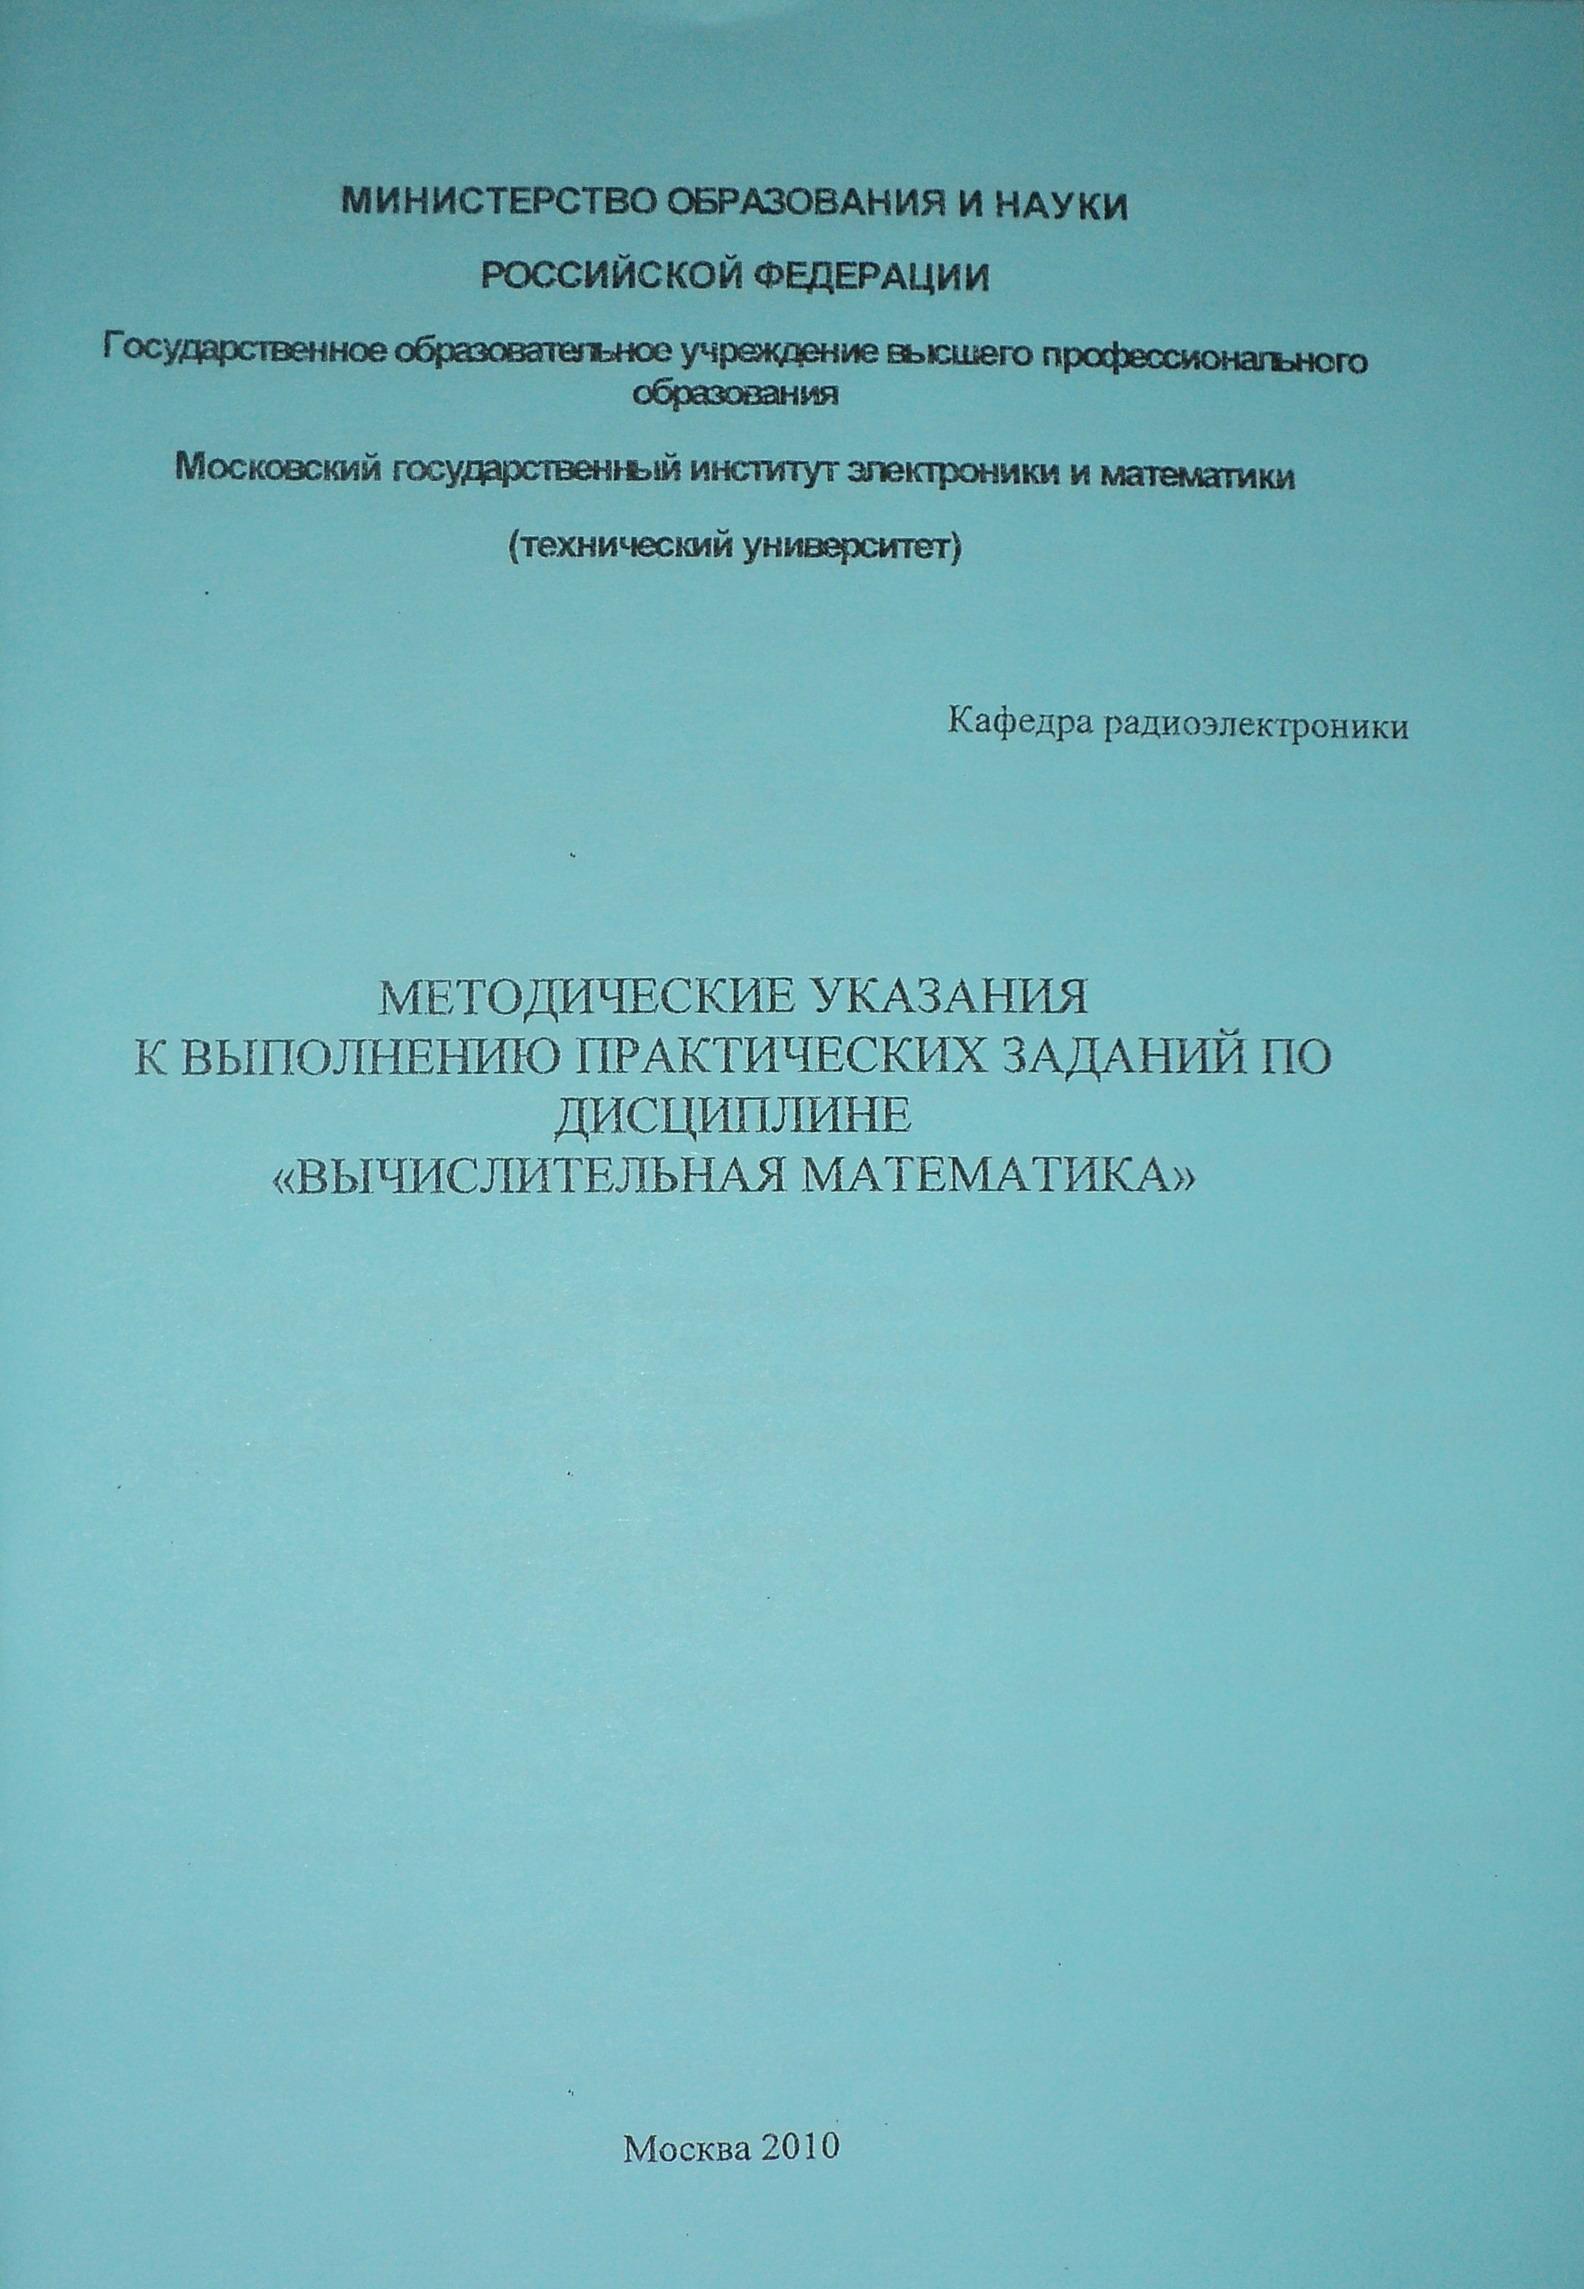 Методические указания к выполнению практических заданий по дисциплине «Вычислительная математика»